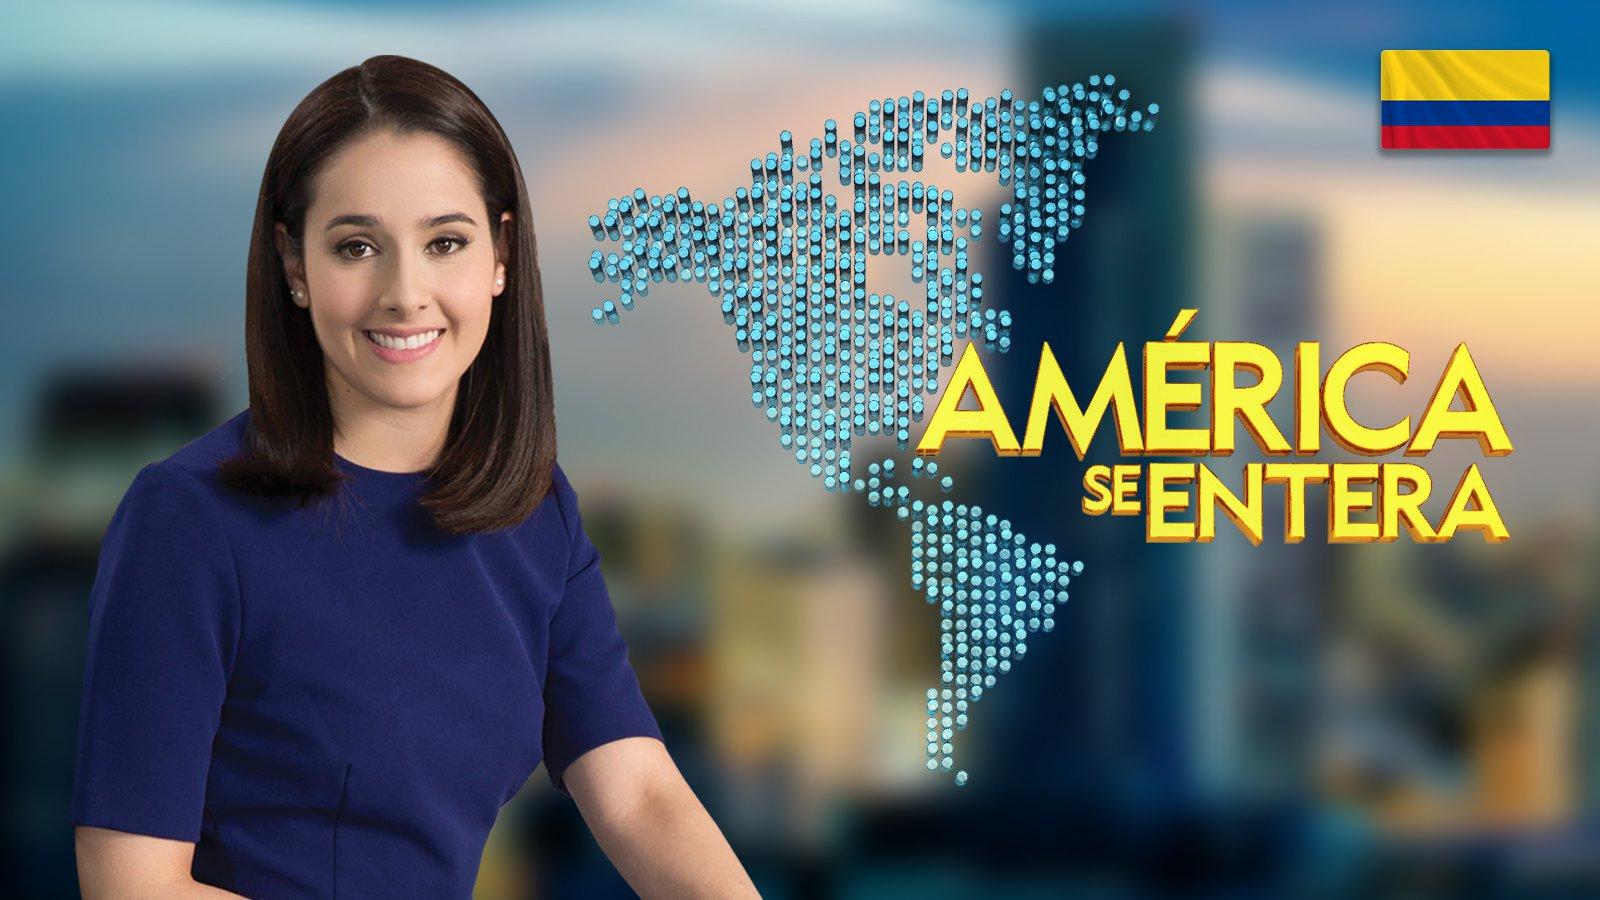 América Se Entera poster